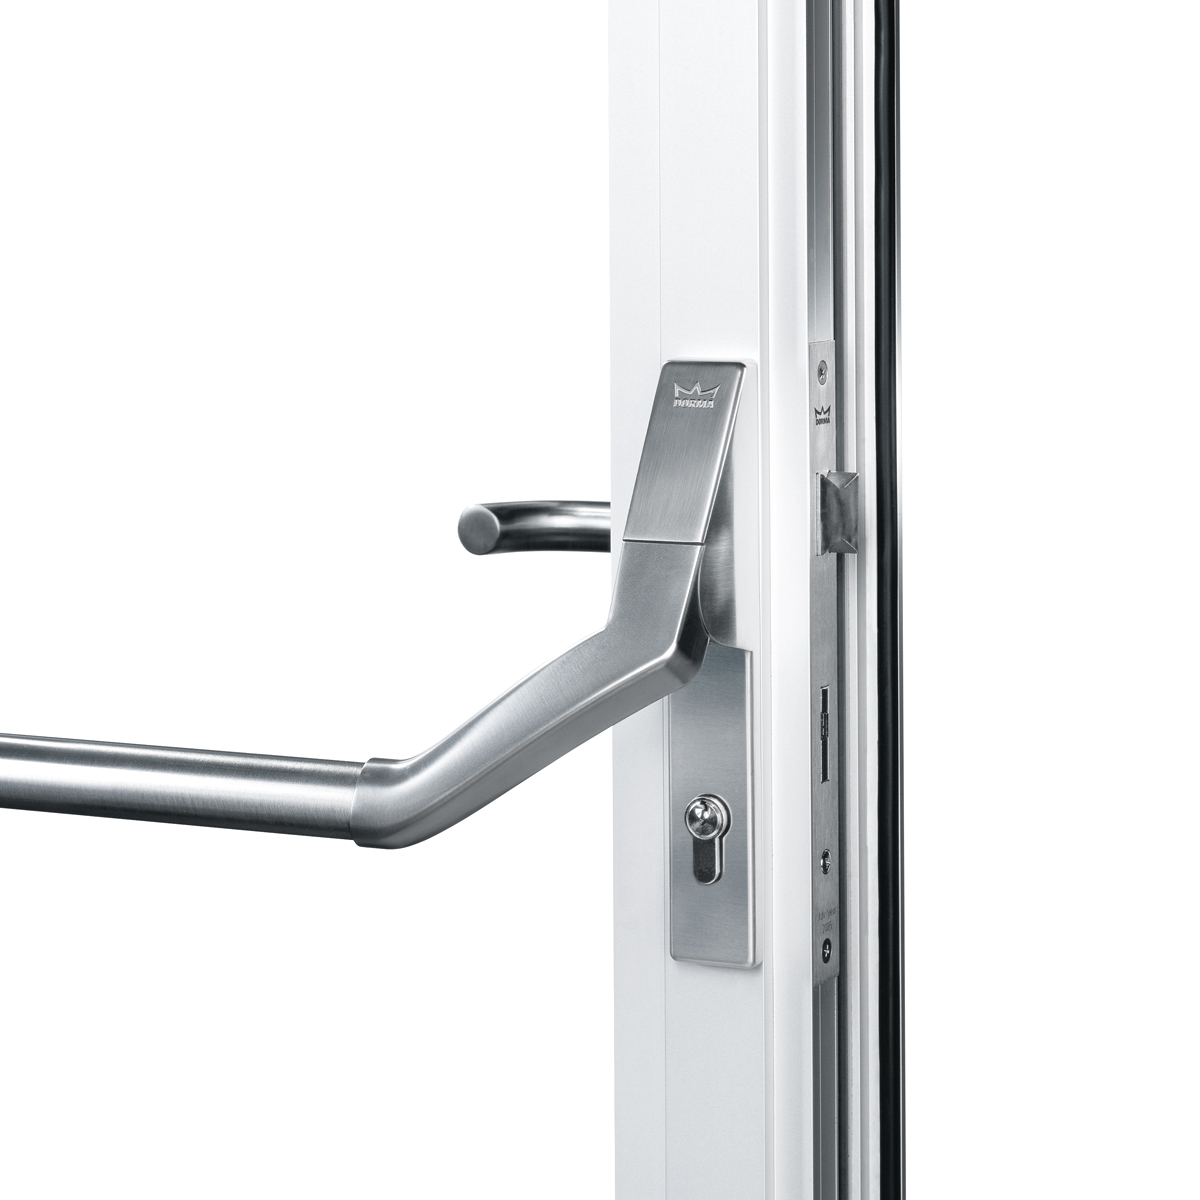 Panic Hardware For Glass Doors: DORMA PHA 2500 For Narrow Stile Doors